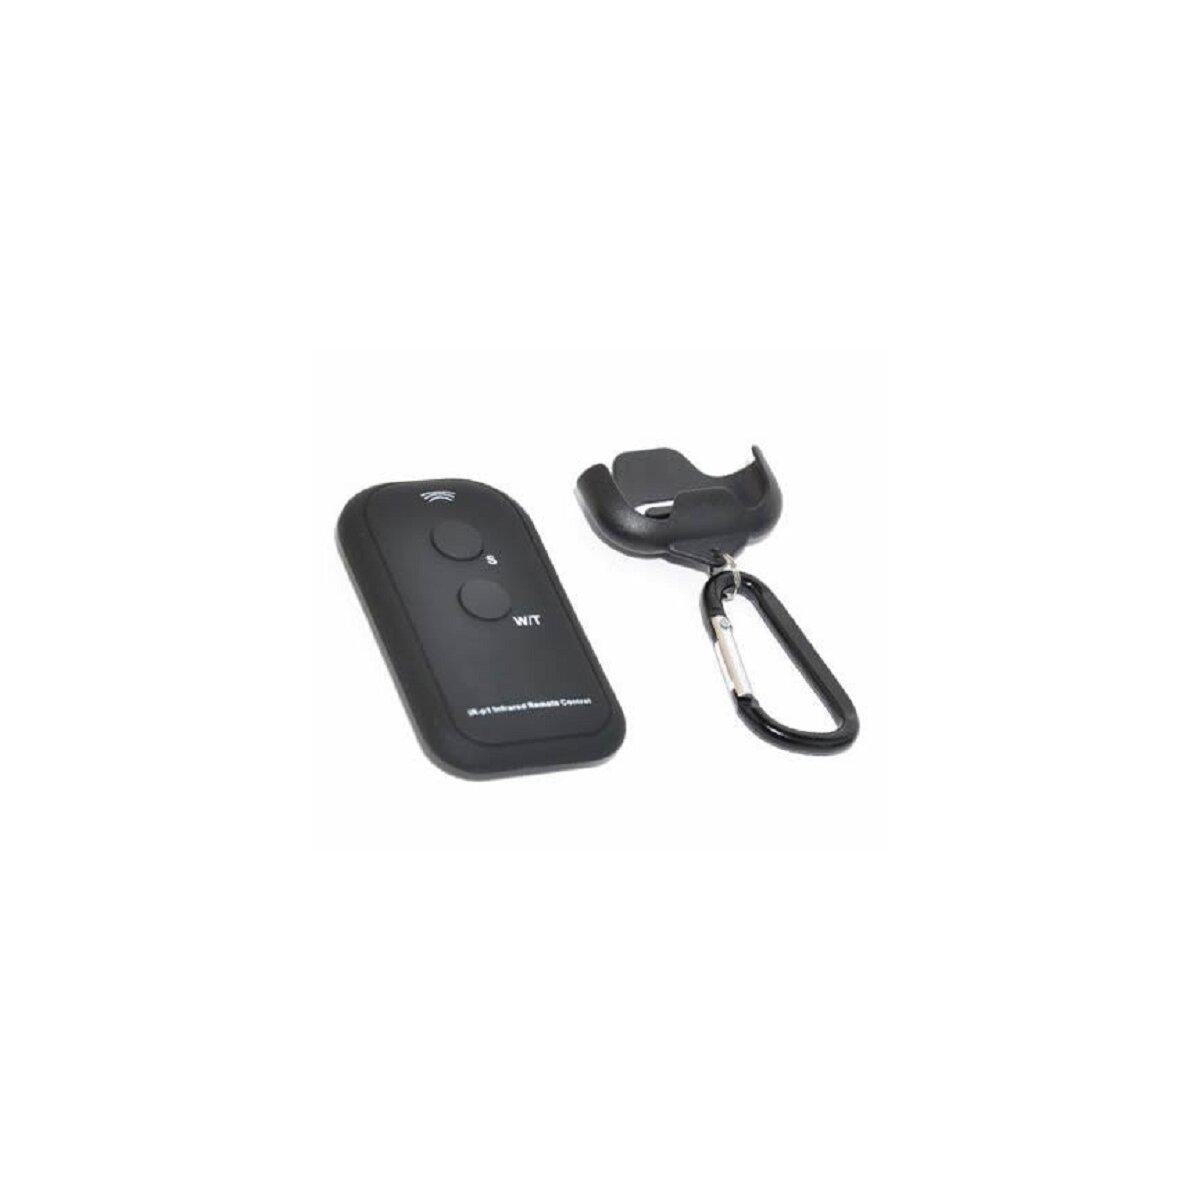 Infrarot Fernauslöser kompatibel mit Samsung GX-1L, GX-1S, GX-10, GX-20